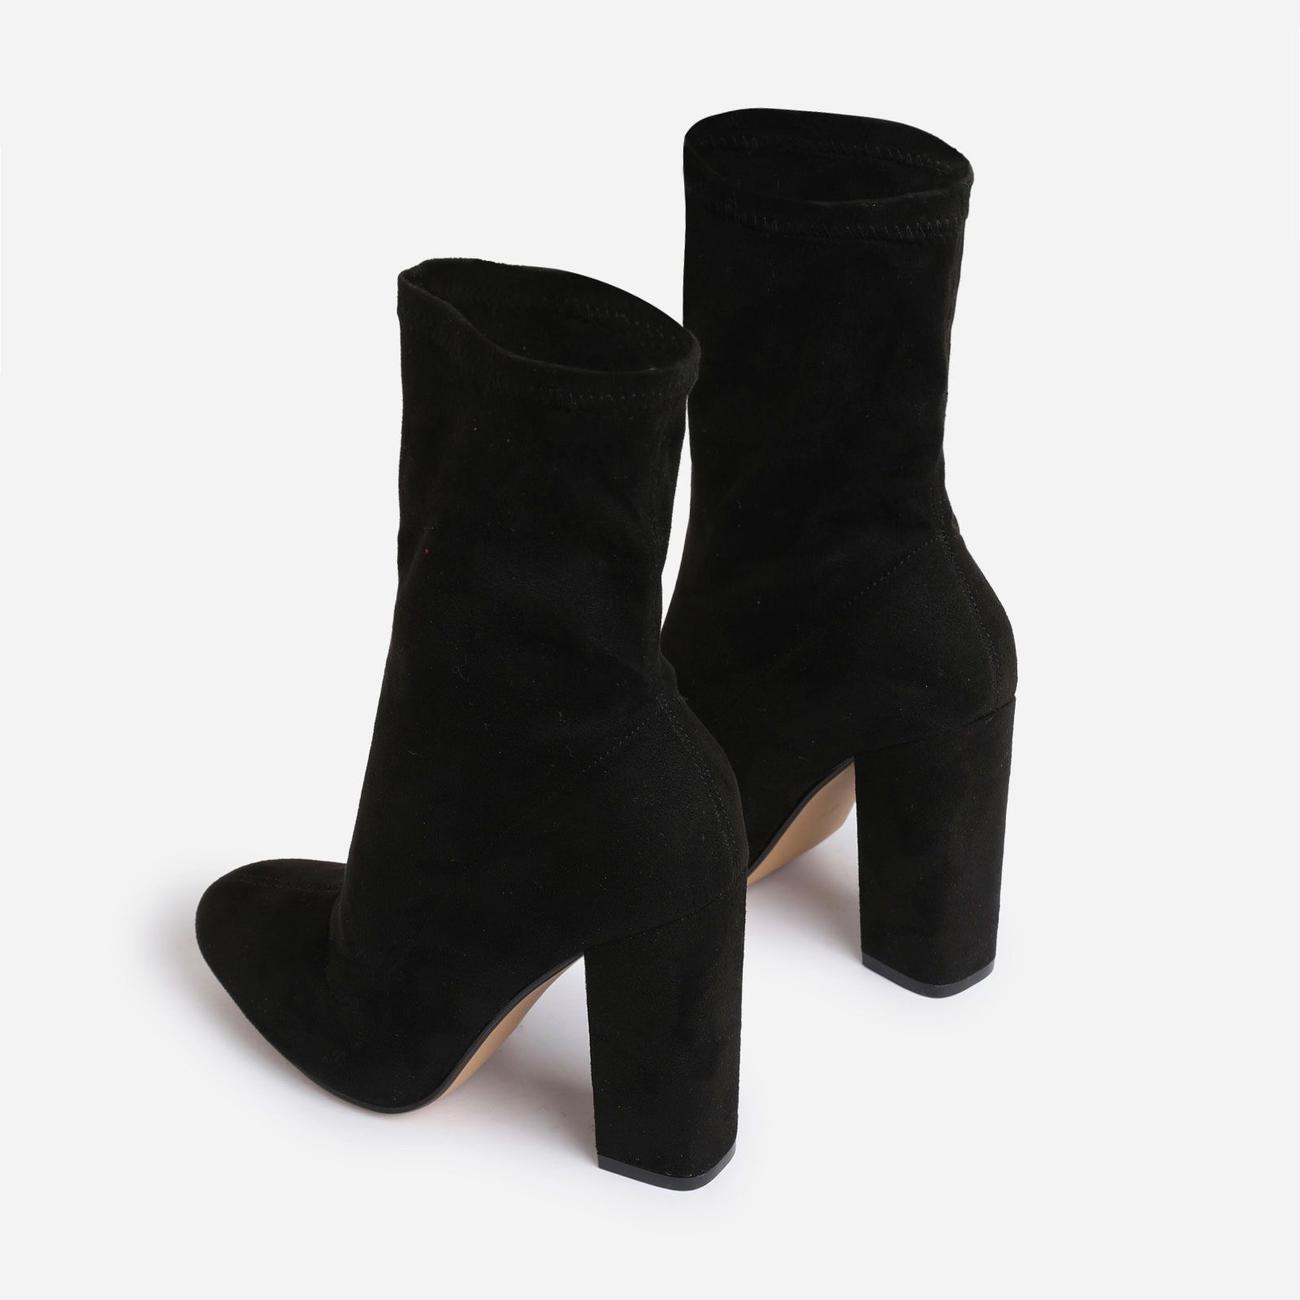 Hayden Block Heel Sock Boot In Black Faux Suede Image 3